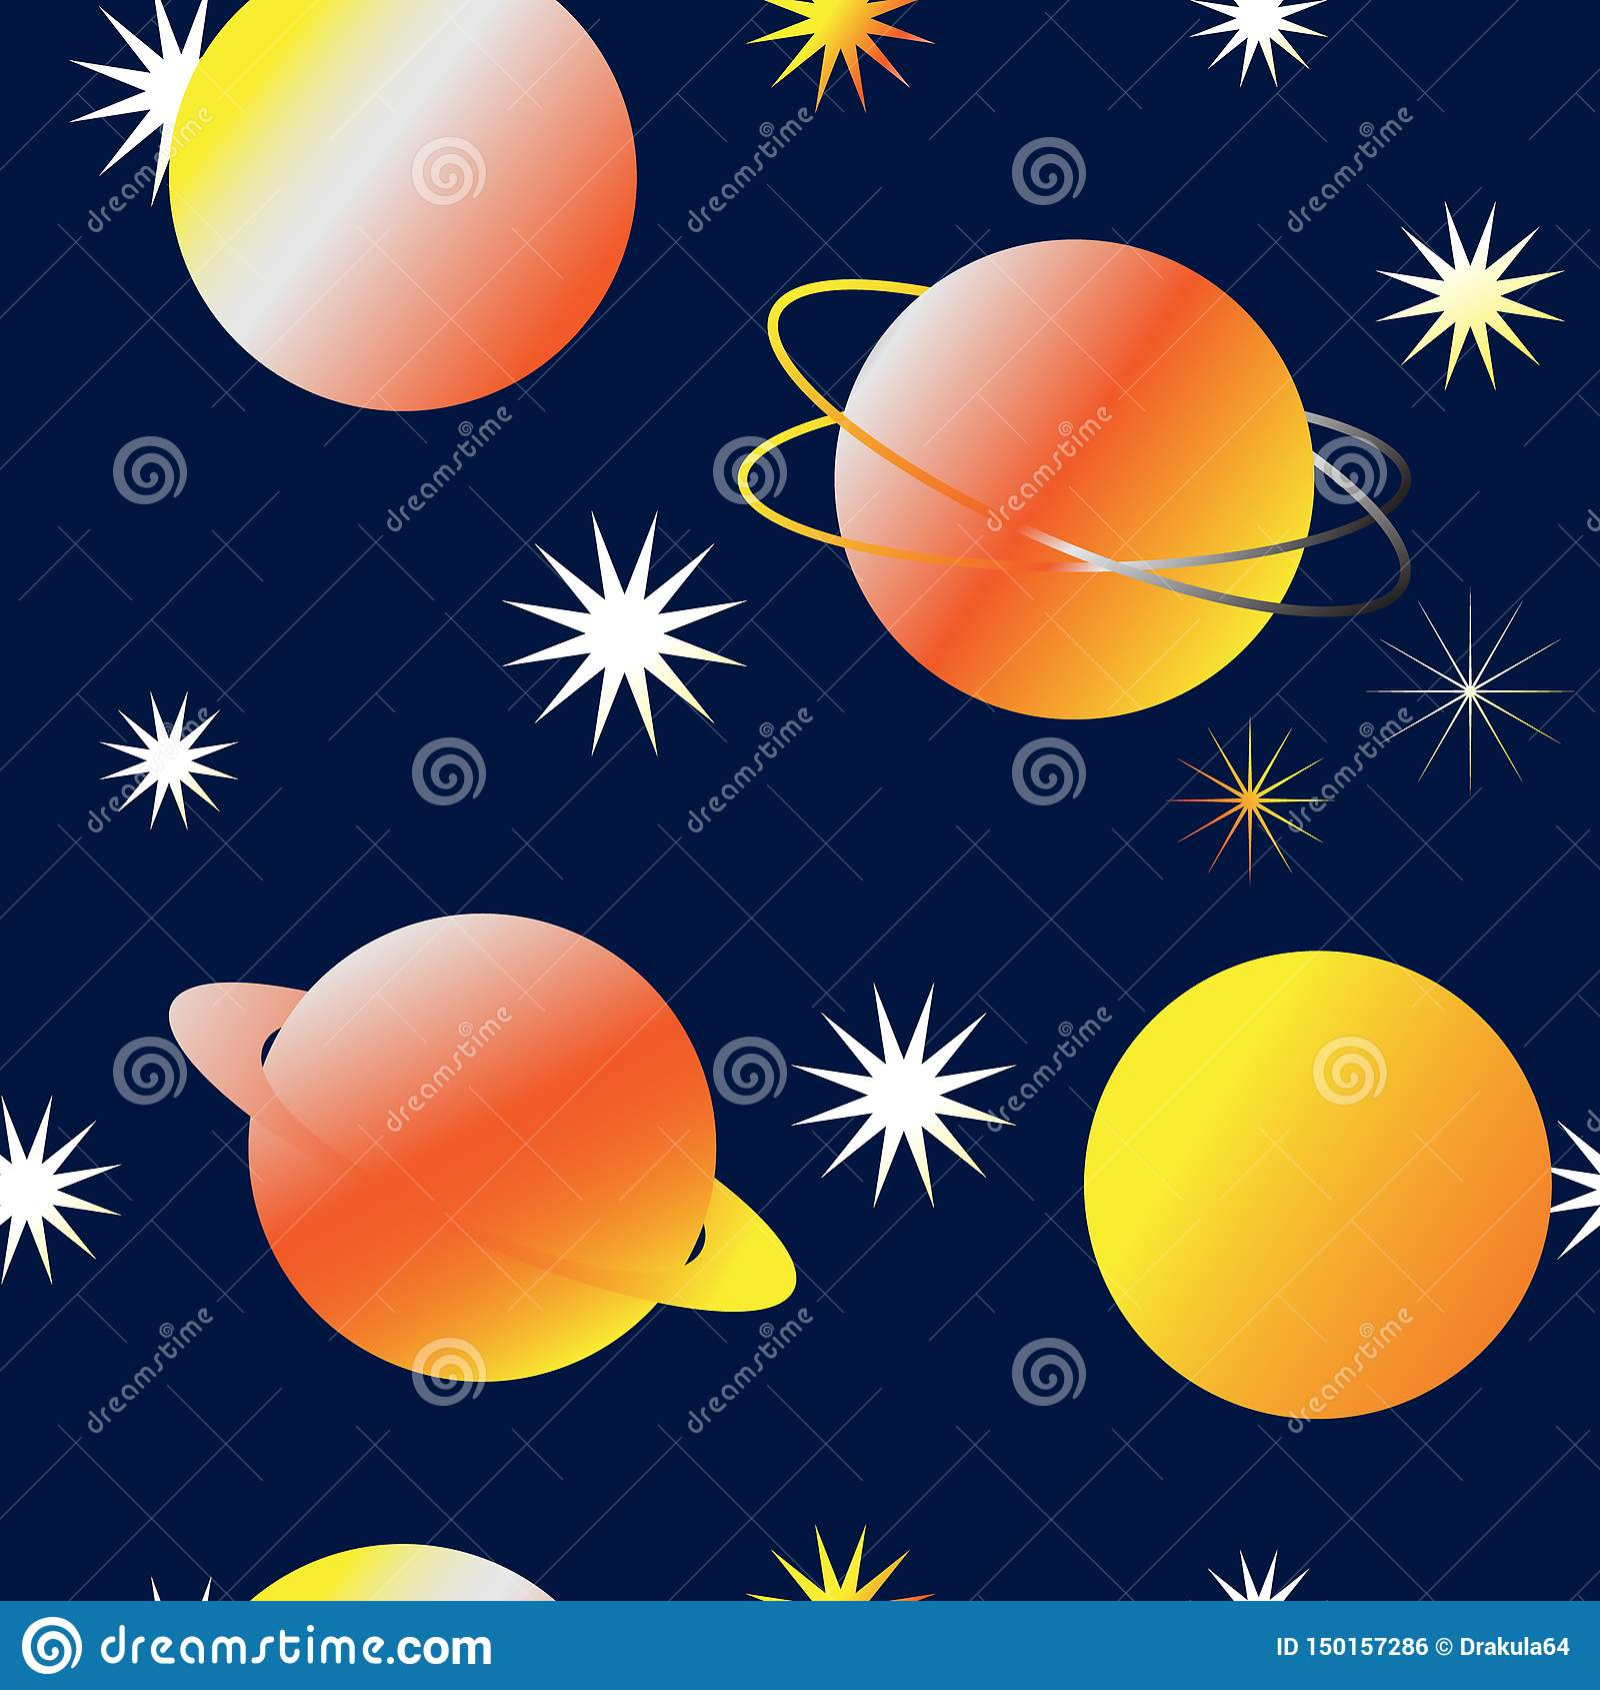 Bezszwowy czarodziejki przestrzeni tło z jaskrawym kolorem żółtym planetuje i gra główna rolę